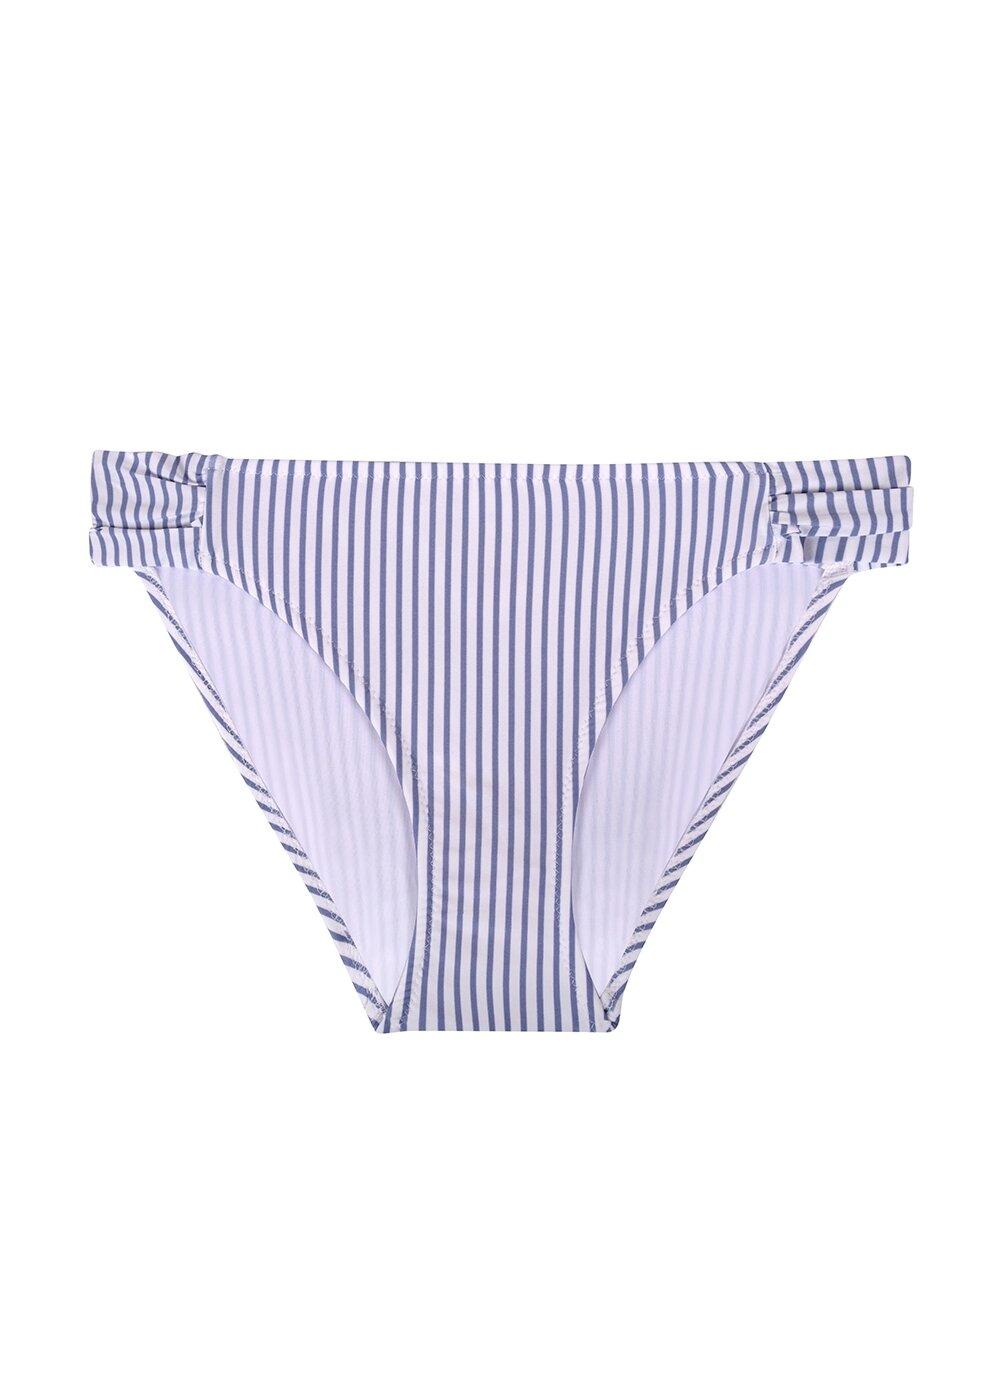 resm Yanı Pileli Bikini Alt - ÇİZGİLİ